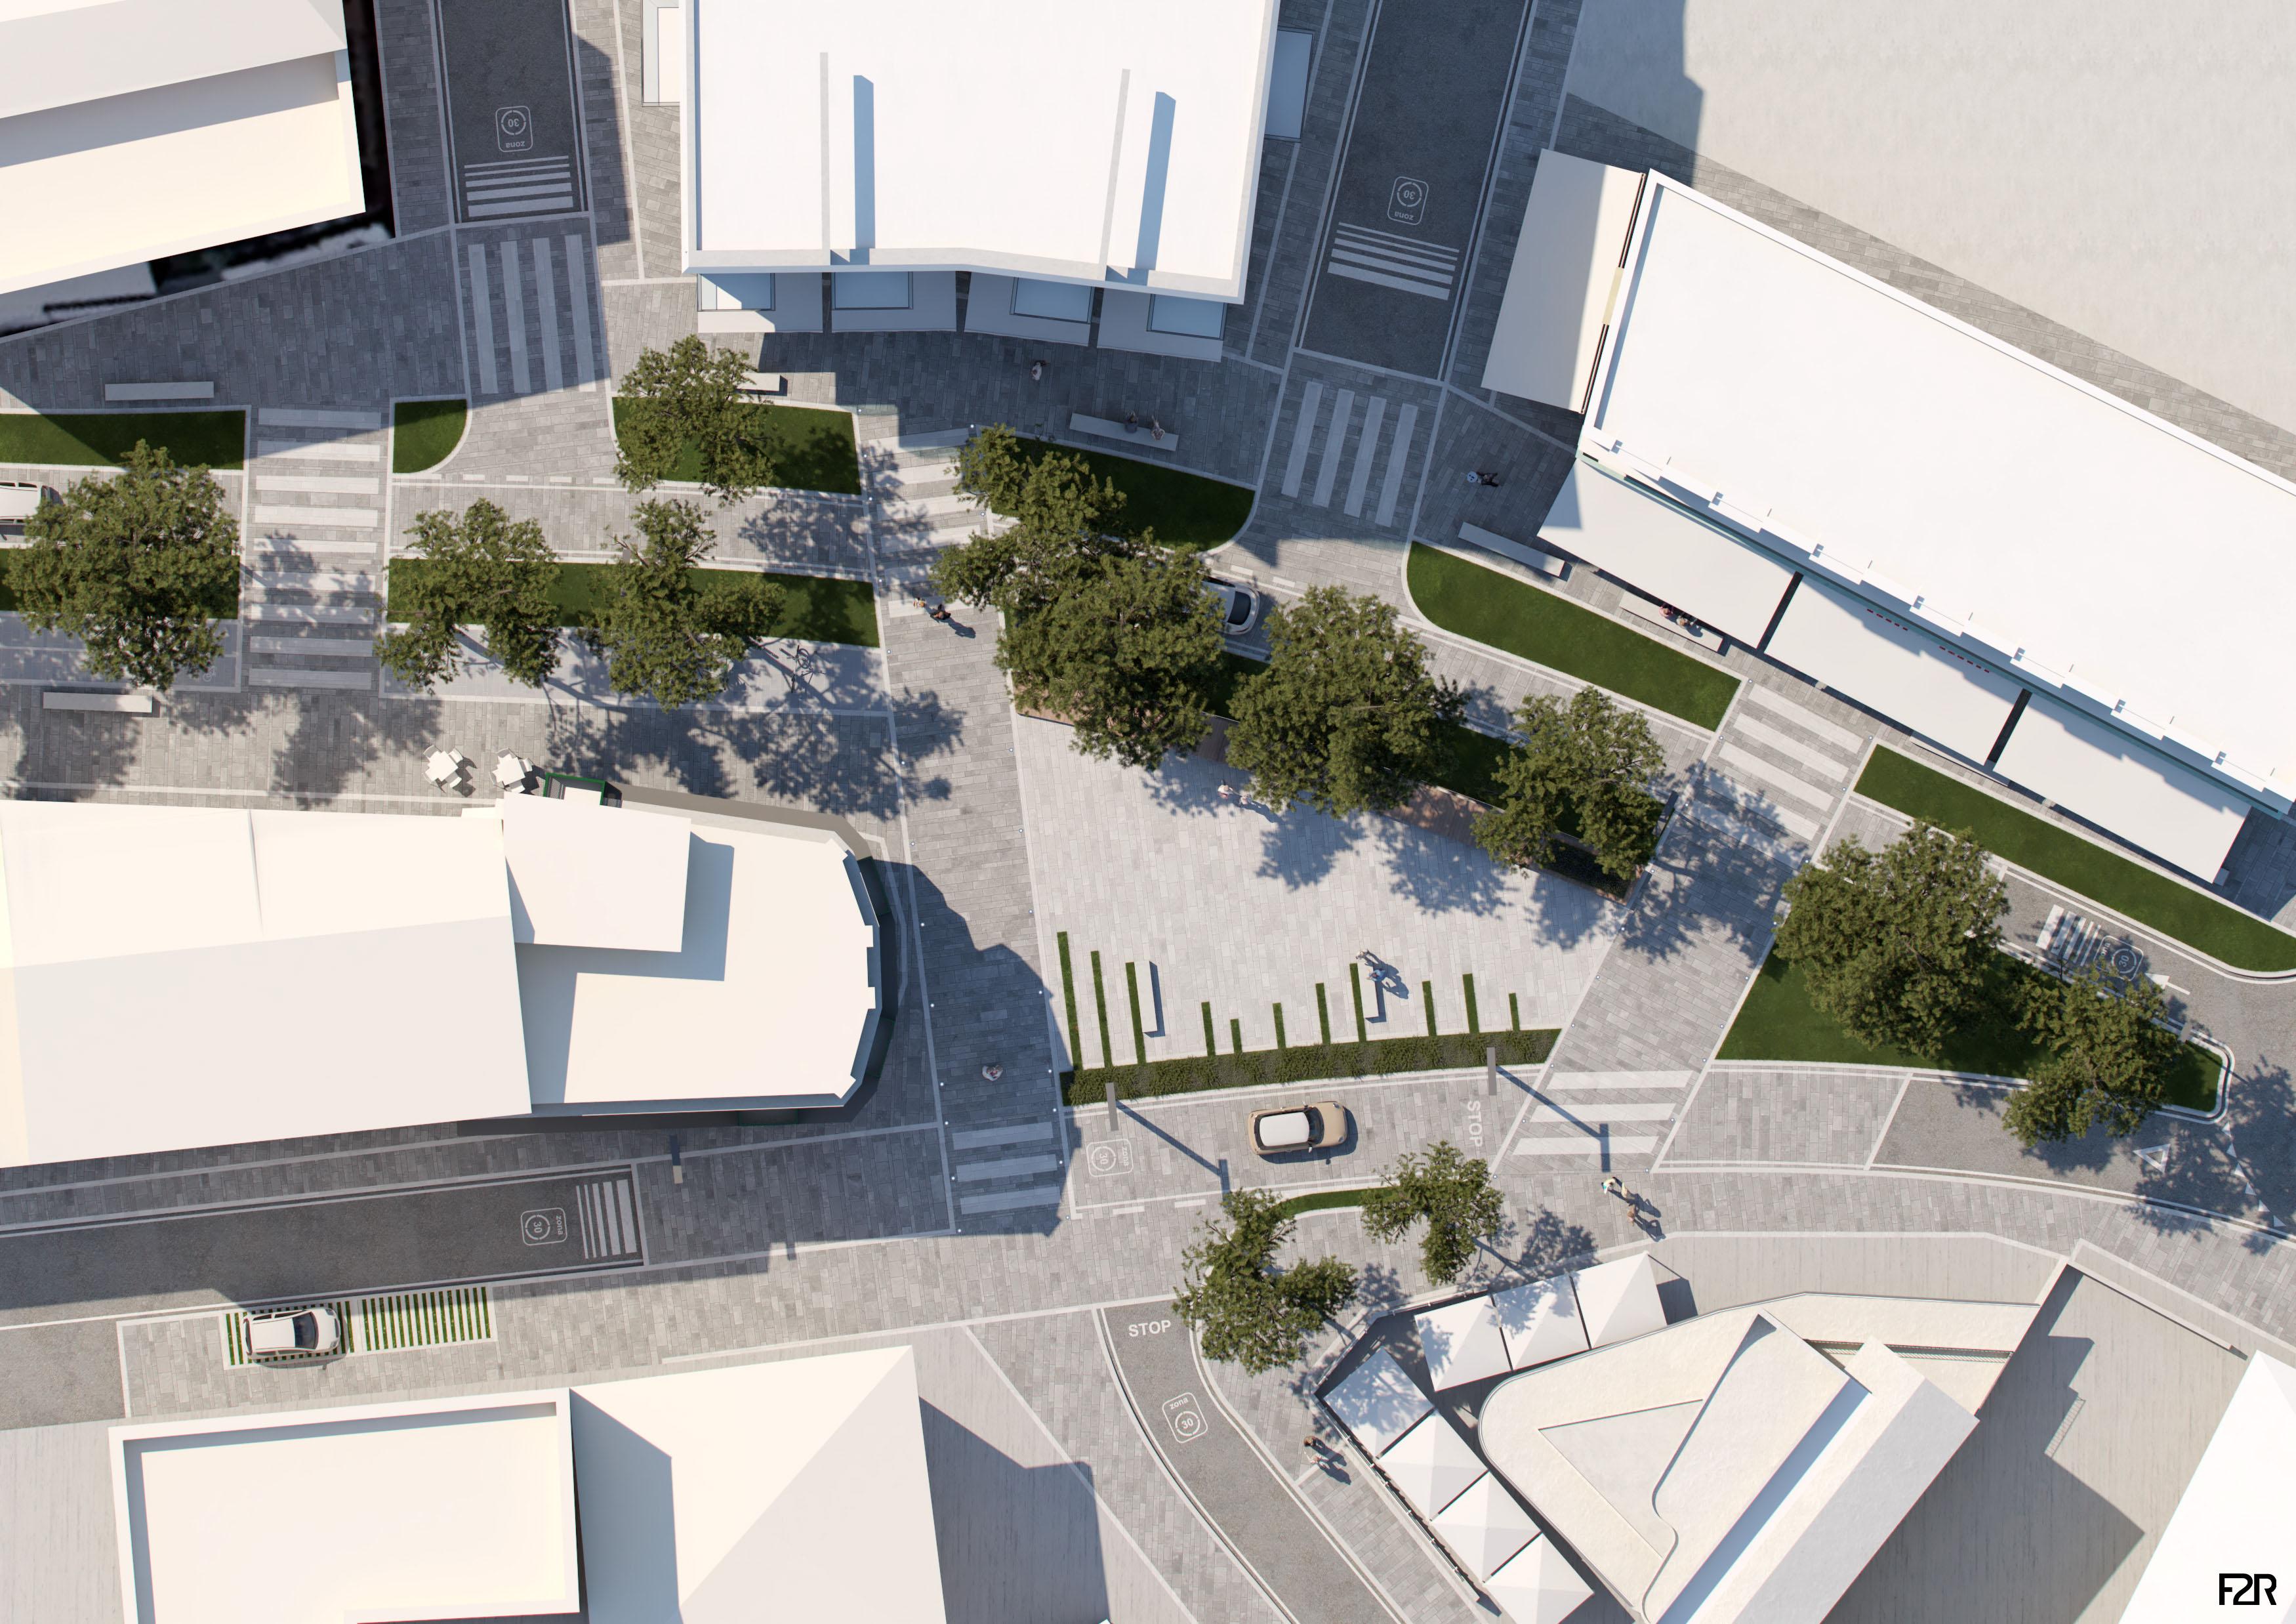 F2r studio di architettura federico fernandez for Studi di architettura